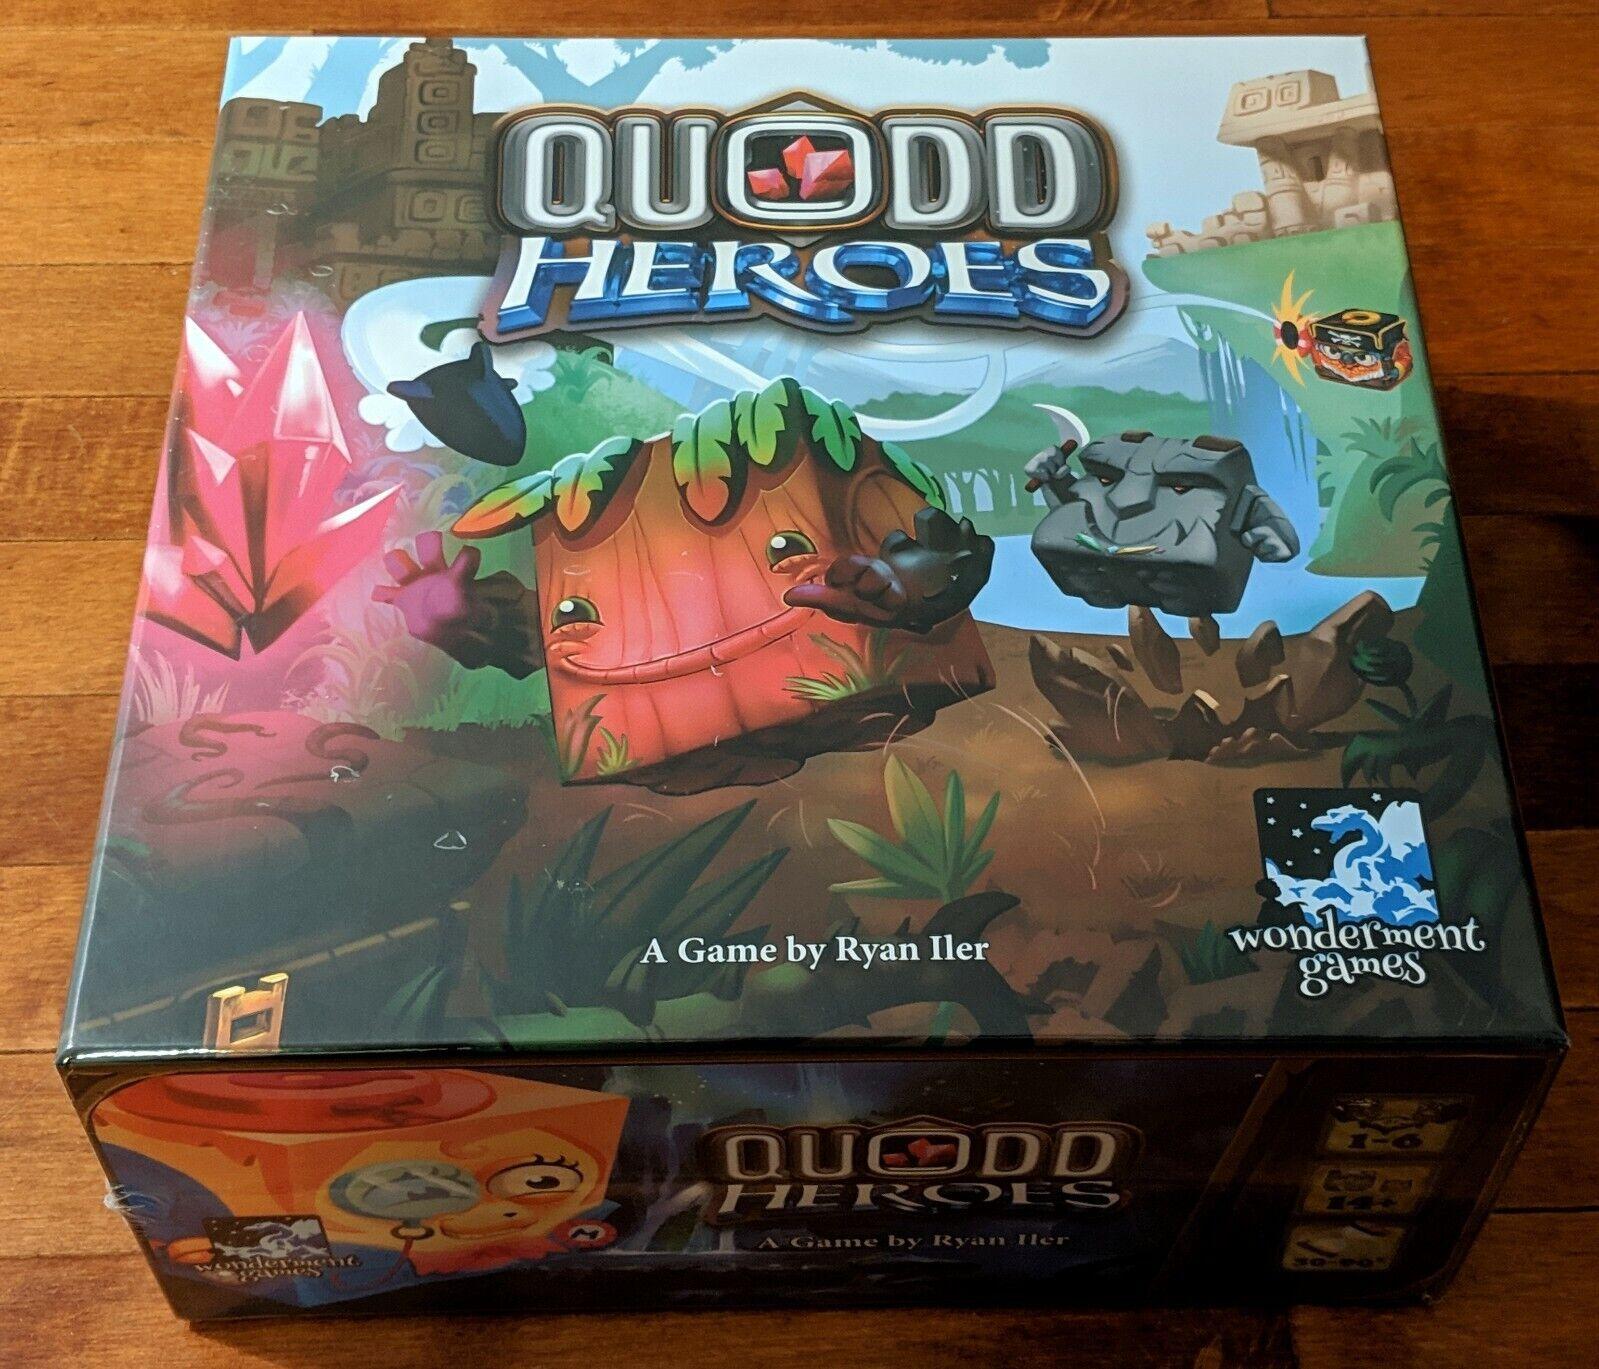 Quodd Heroes Deluxe pédale de  démarrage édition jeu de plateau à la main neuf scellé  promotions promotionnelles